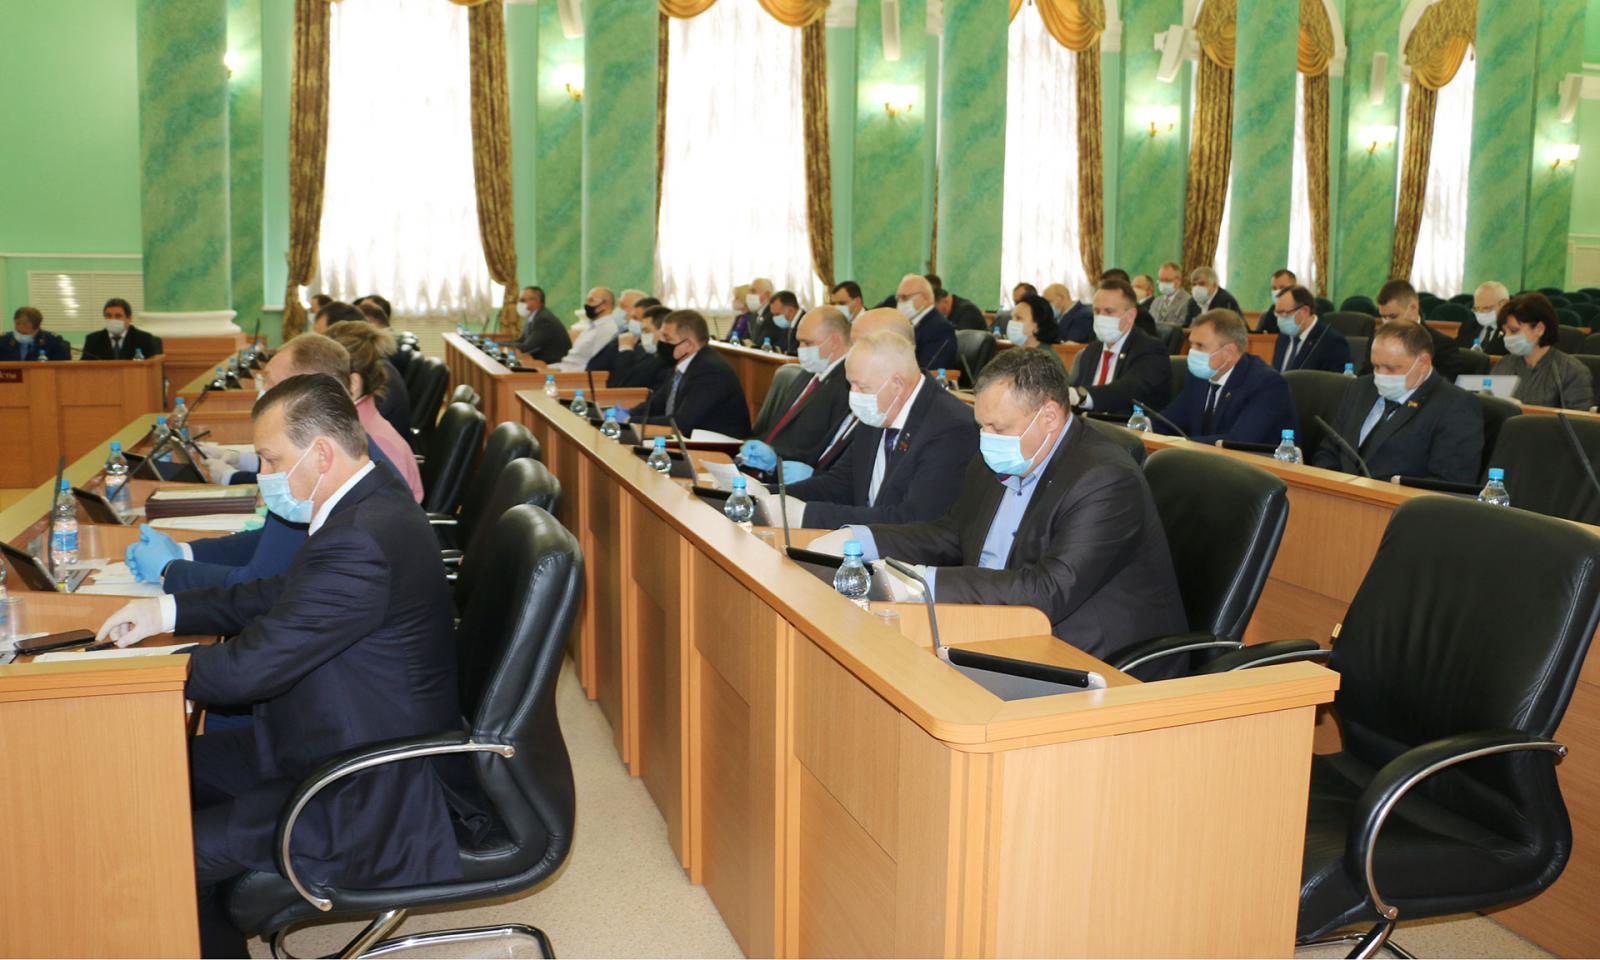 Брянская облдума утвердила в третьем чтении бюджет региона до 2023 года